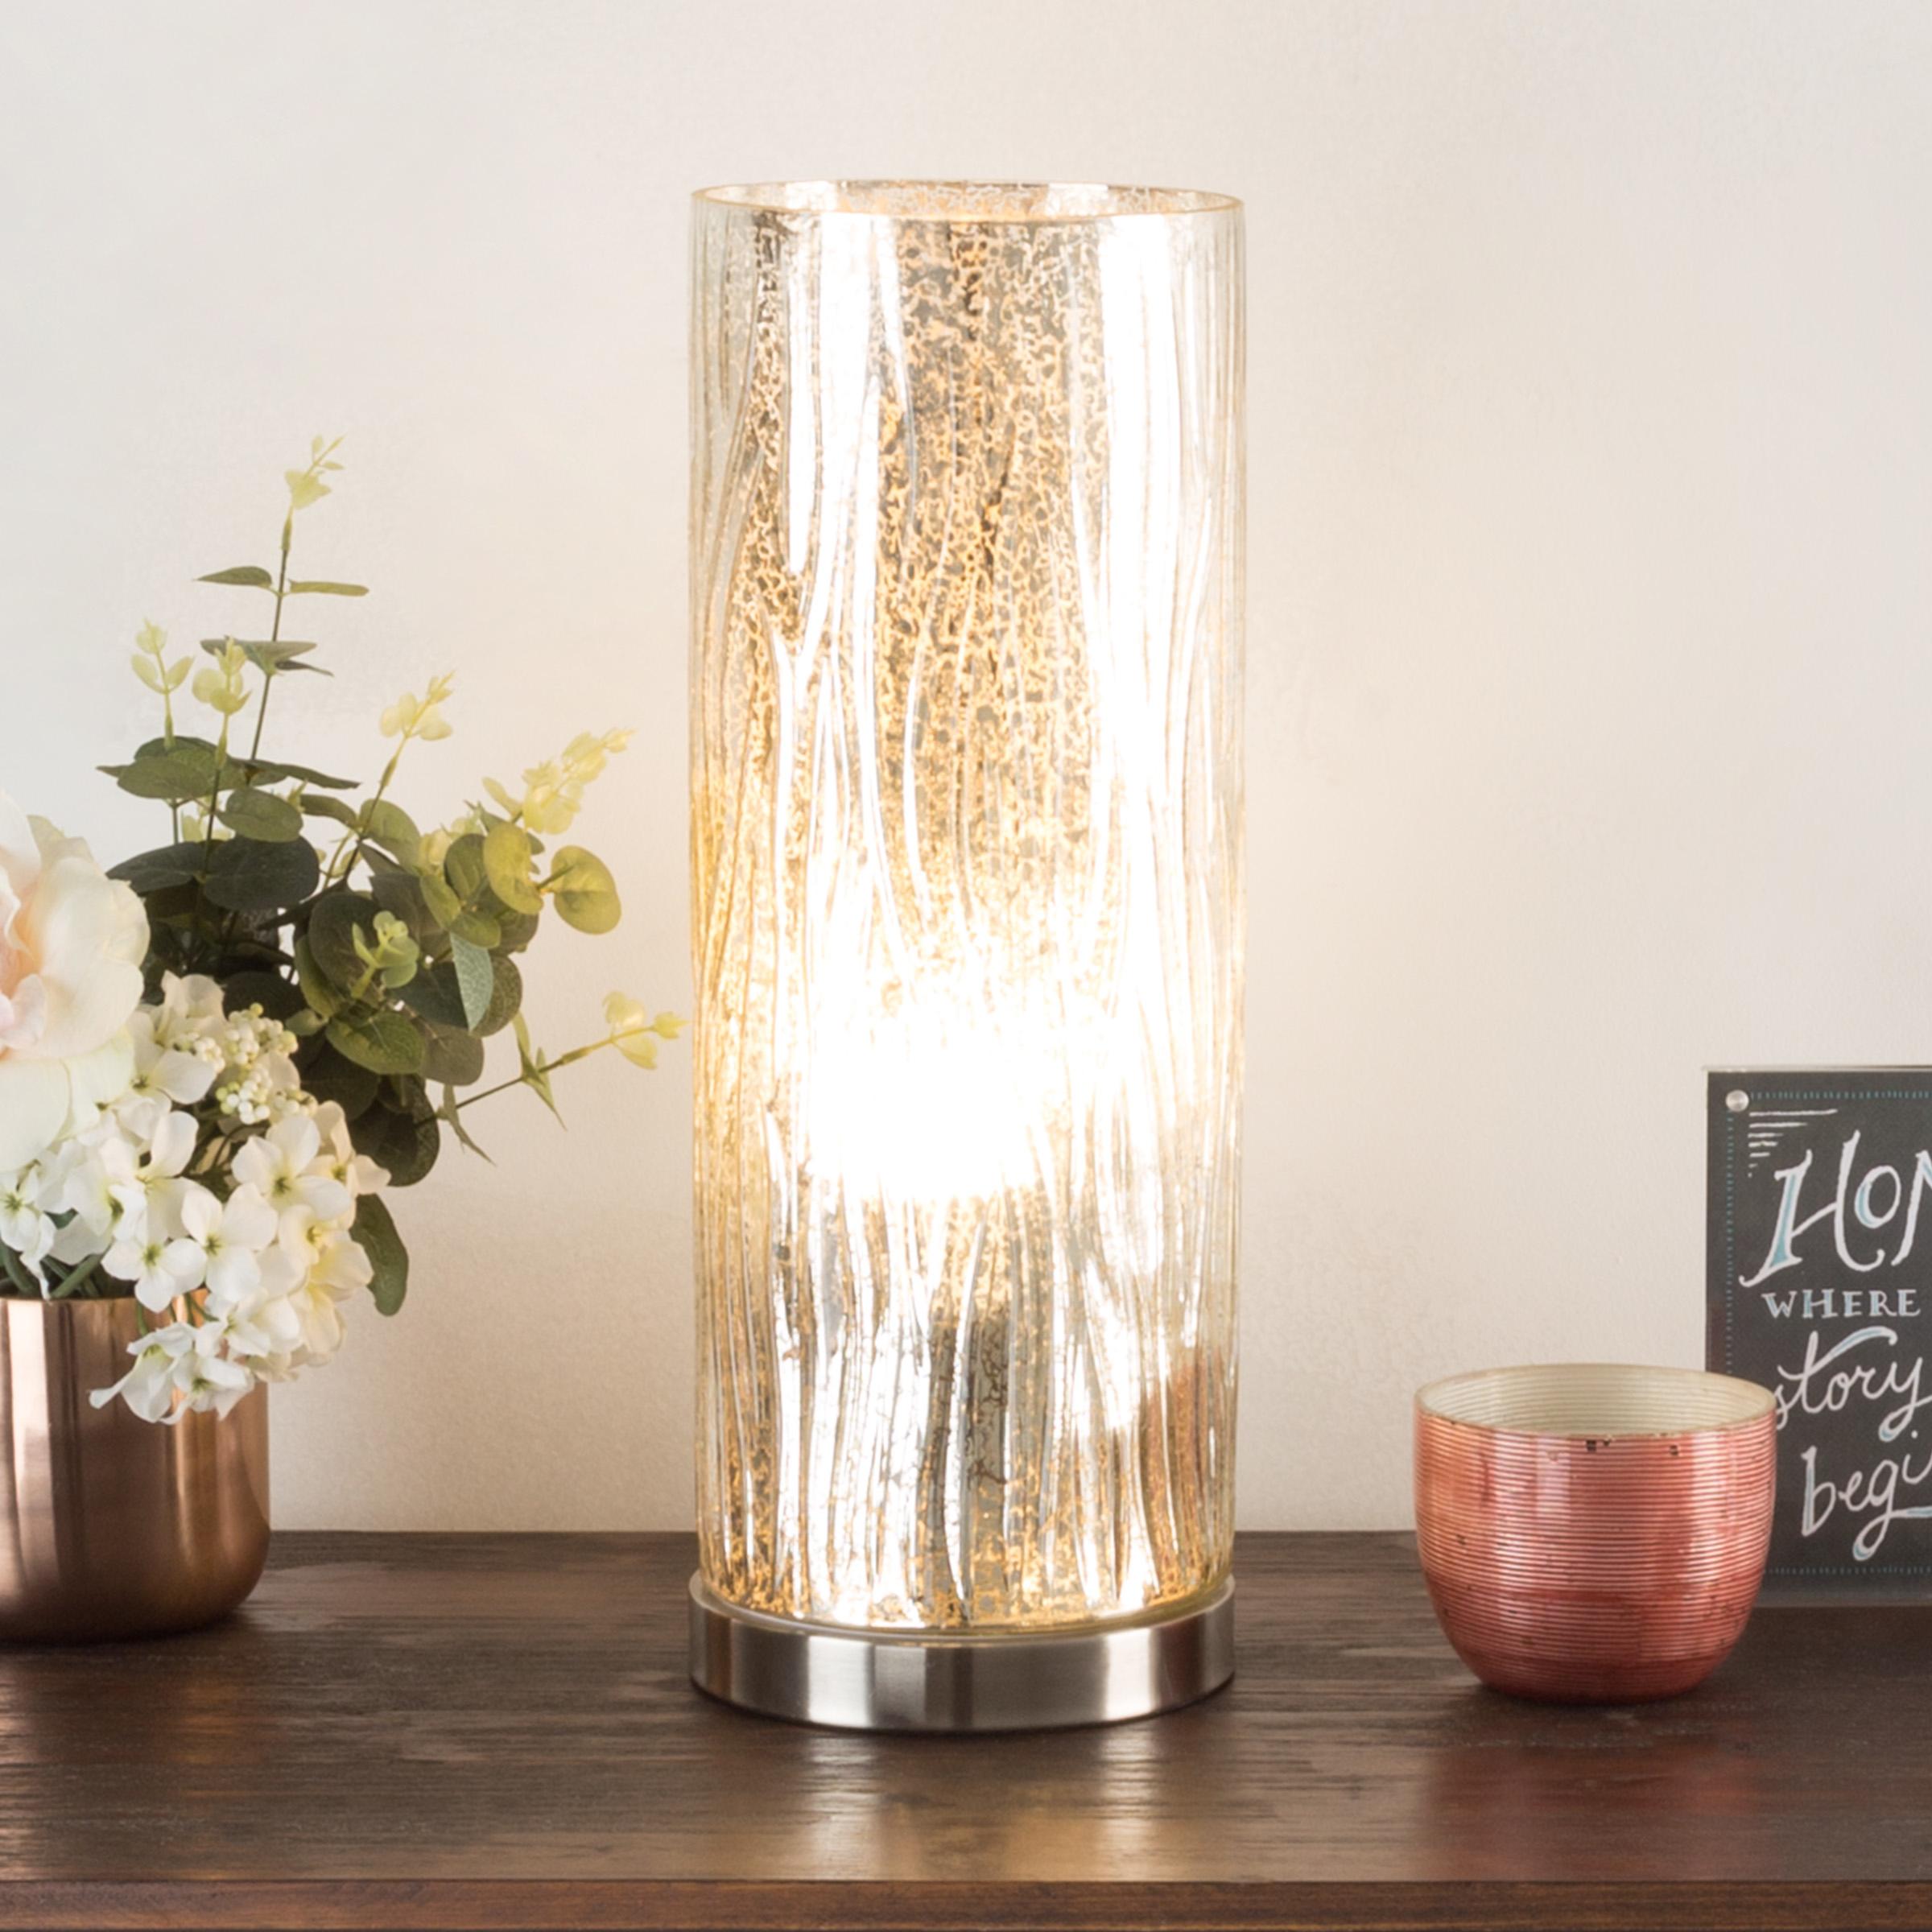 Table Light Textured Glass Tree Bark Pattern Led Bulb Included Elegant Lighting 16 Inch H